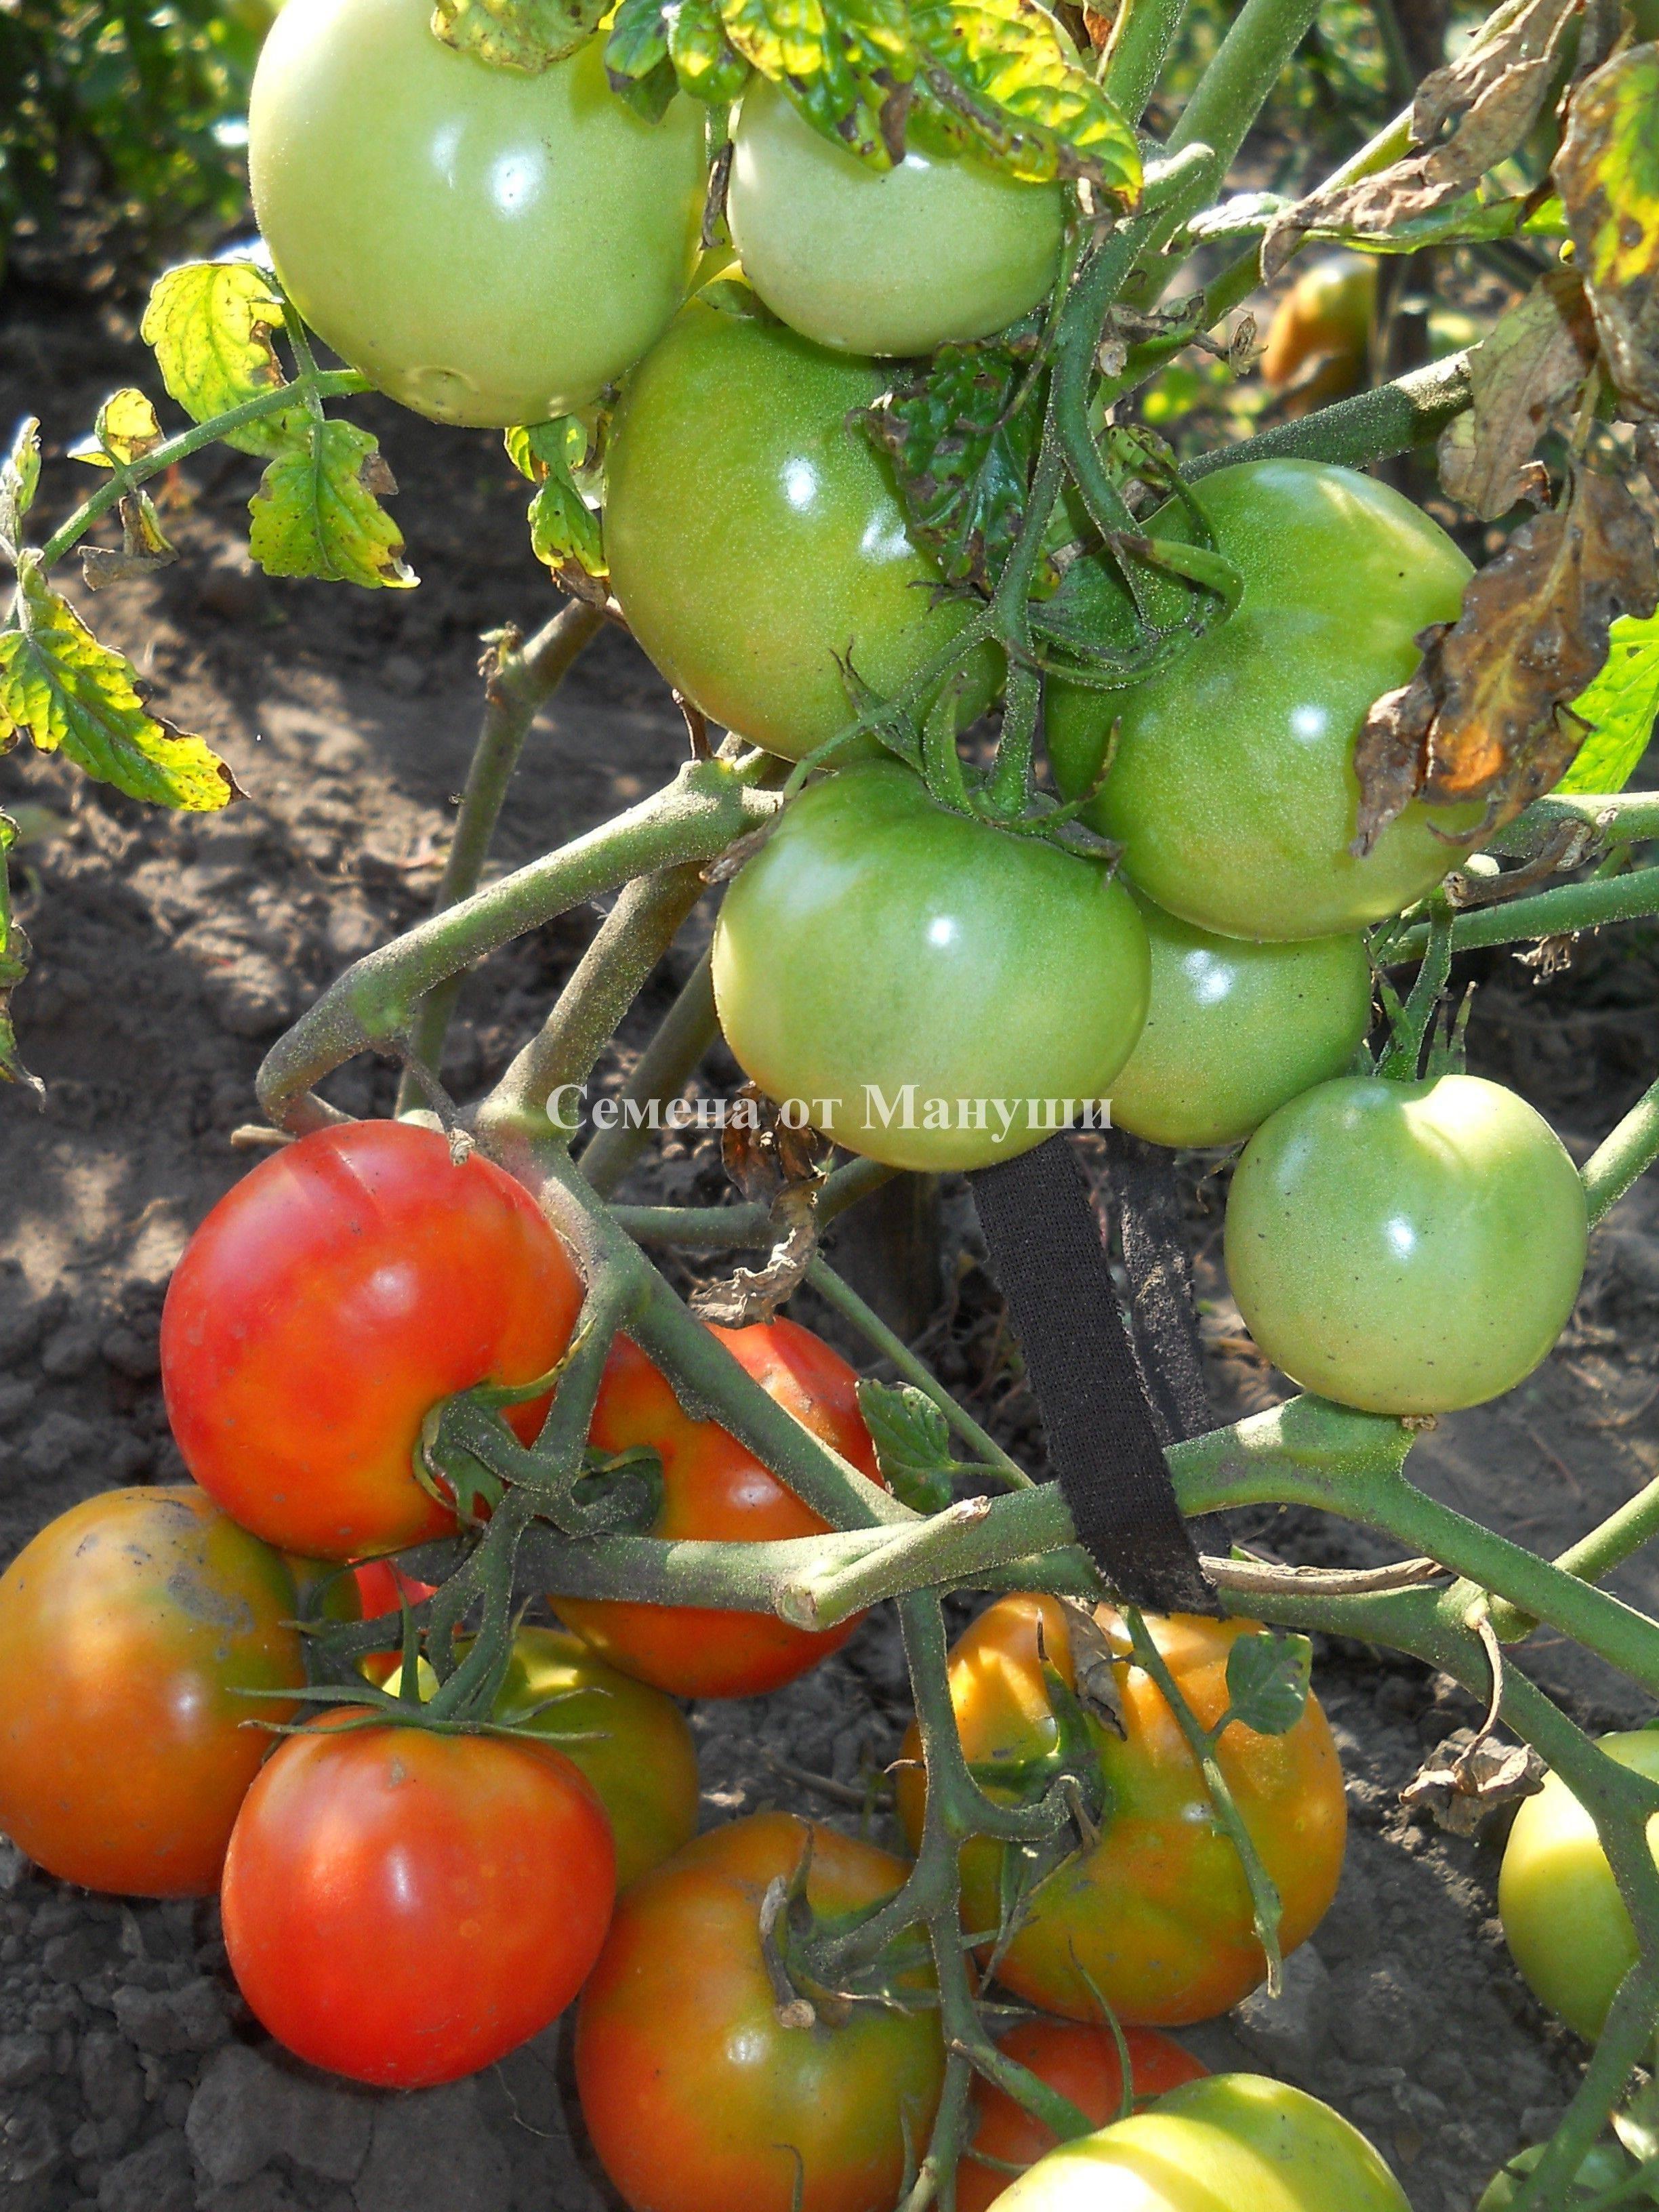 раскраски томат клубничное дерево отзывы фото урожайность наше время